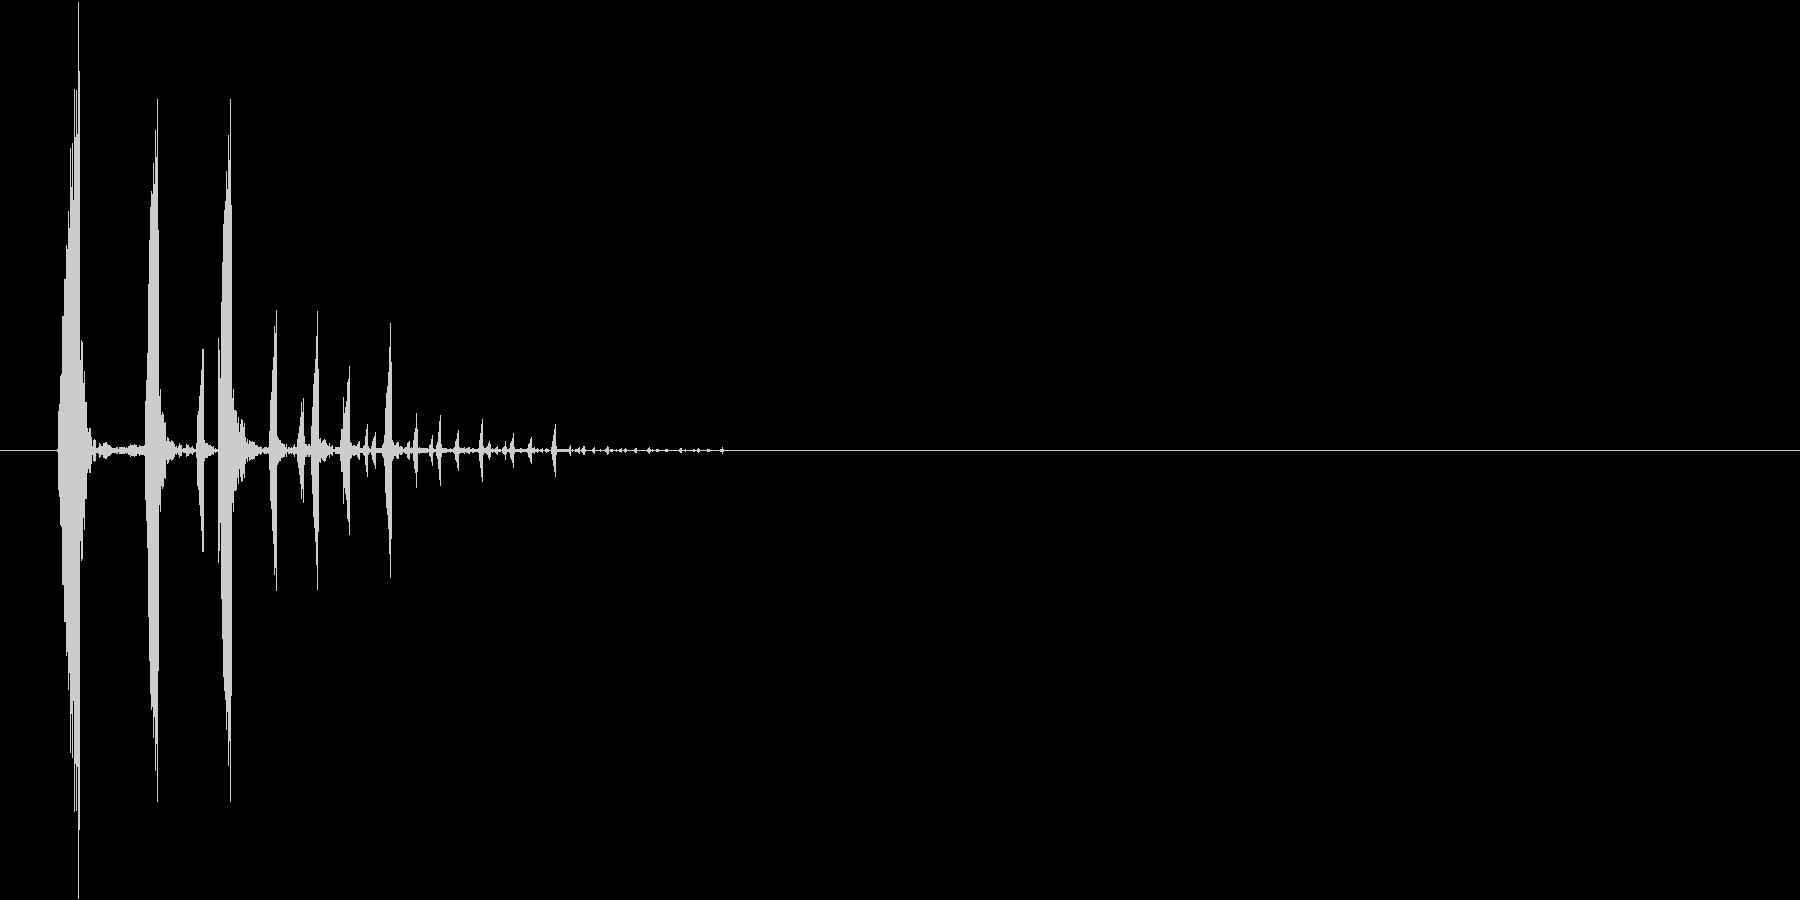 ゲームの選択・決定音の未再生の波形